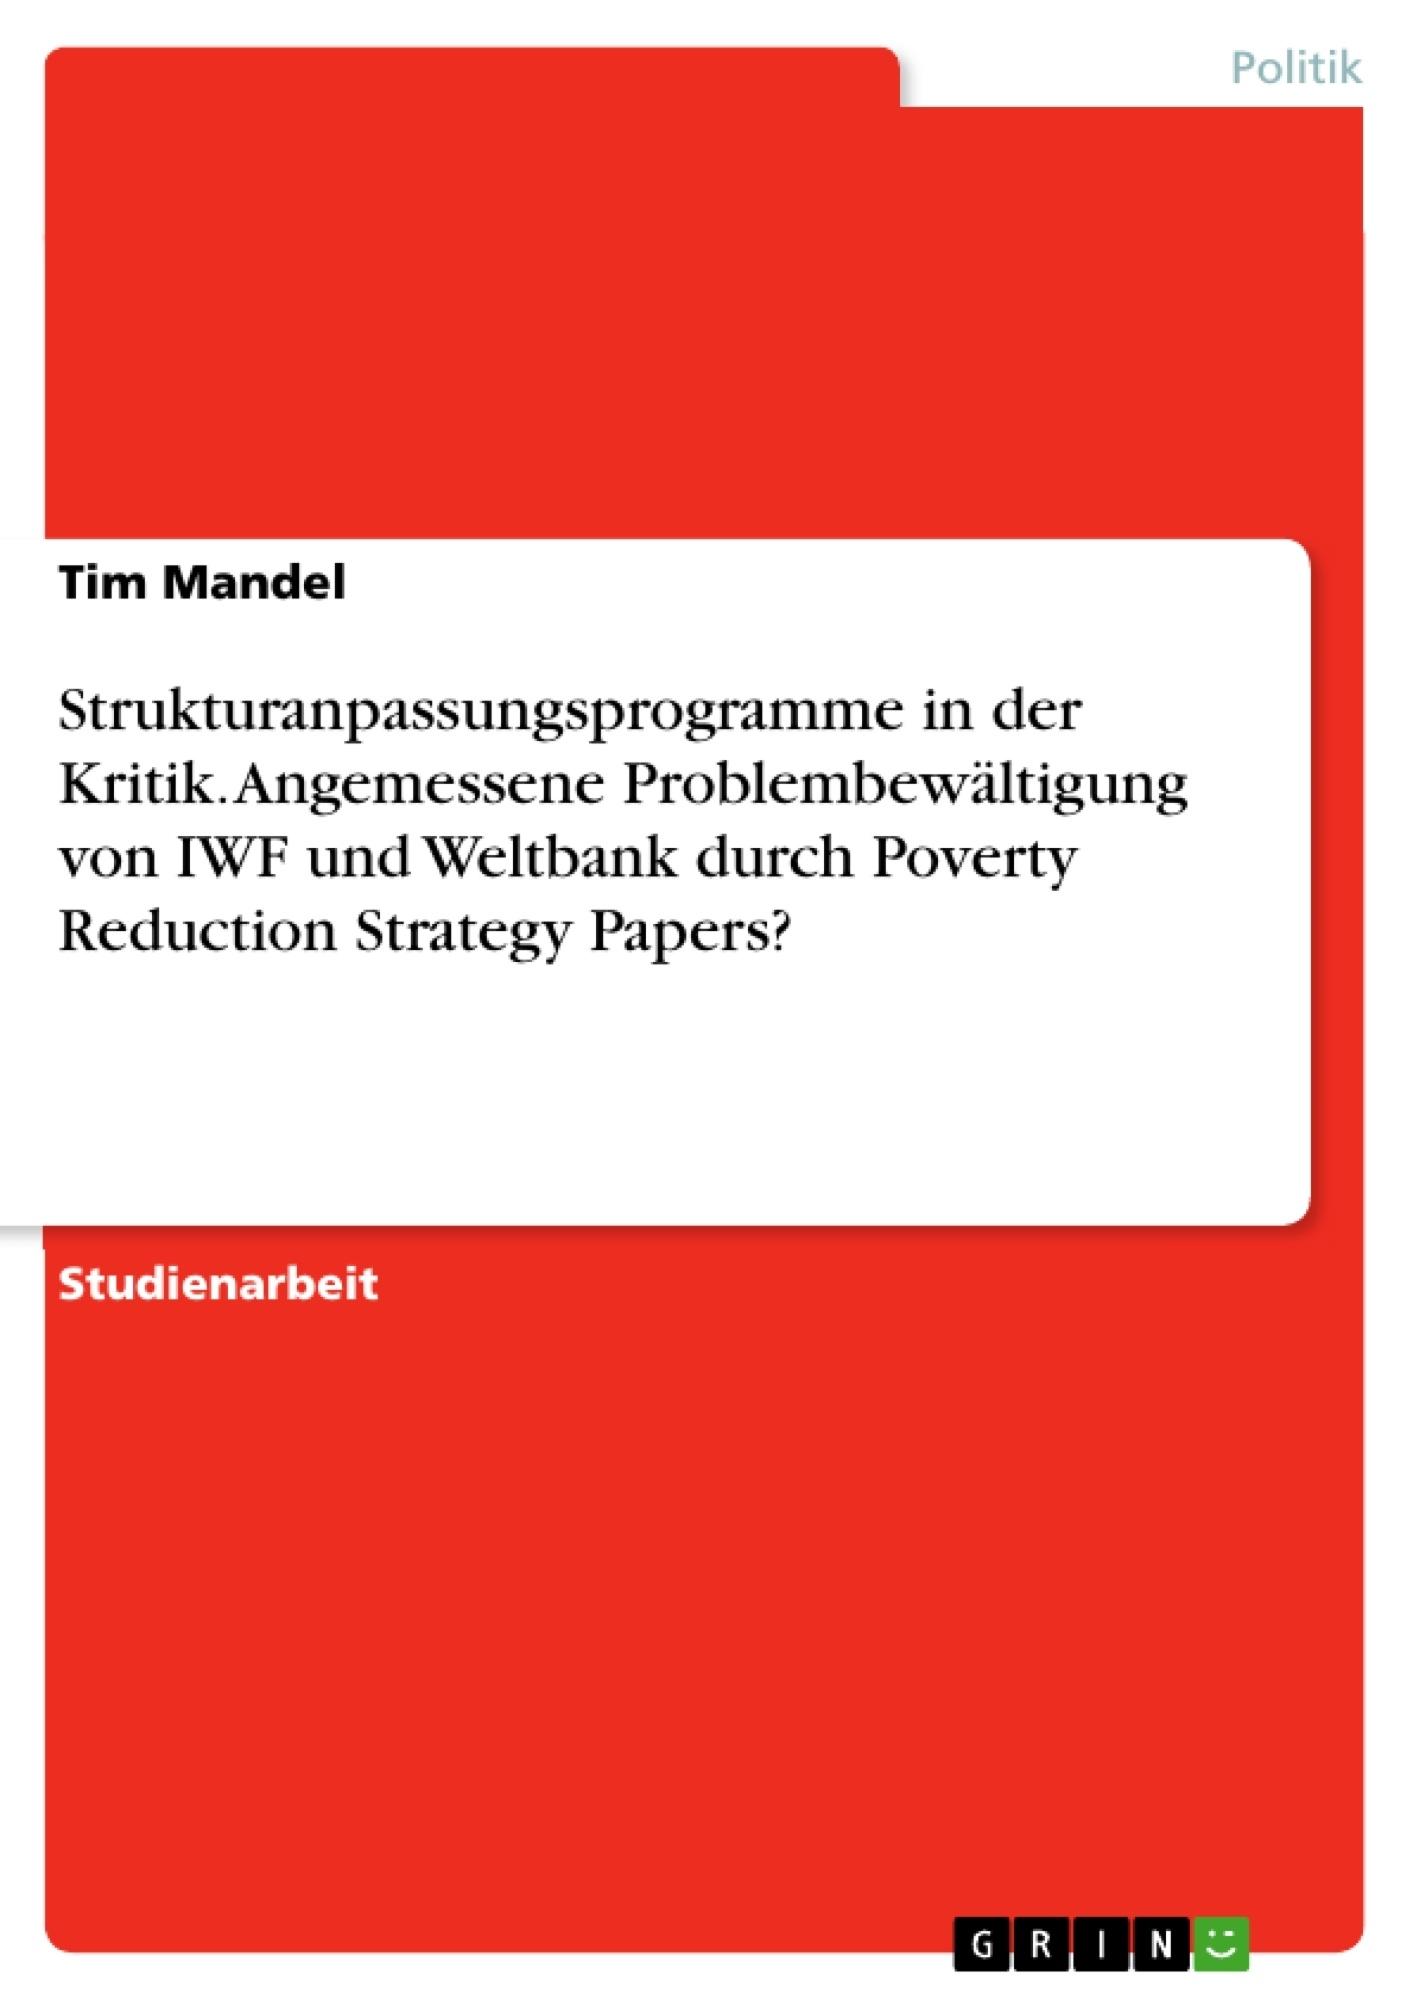 Titel: Strukturanpassungsprogramme in der Kritik. Angemessene Problembewältigung von IWF und Weltbank durch Poverty Reduction Strategy Papers?